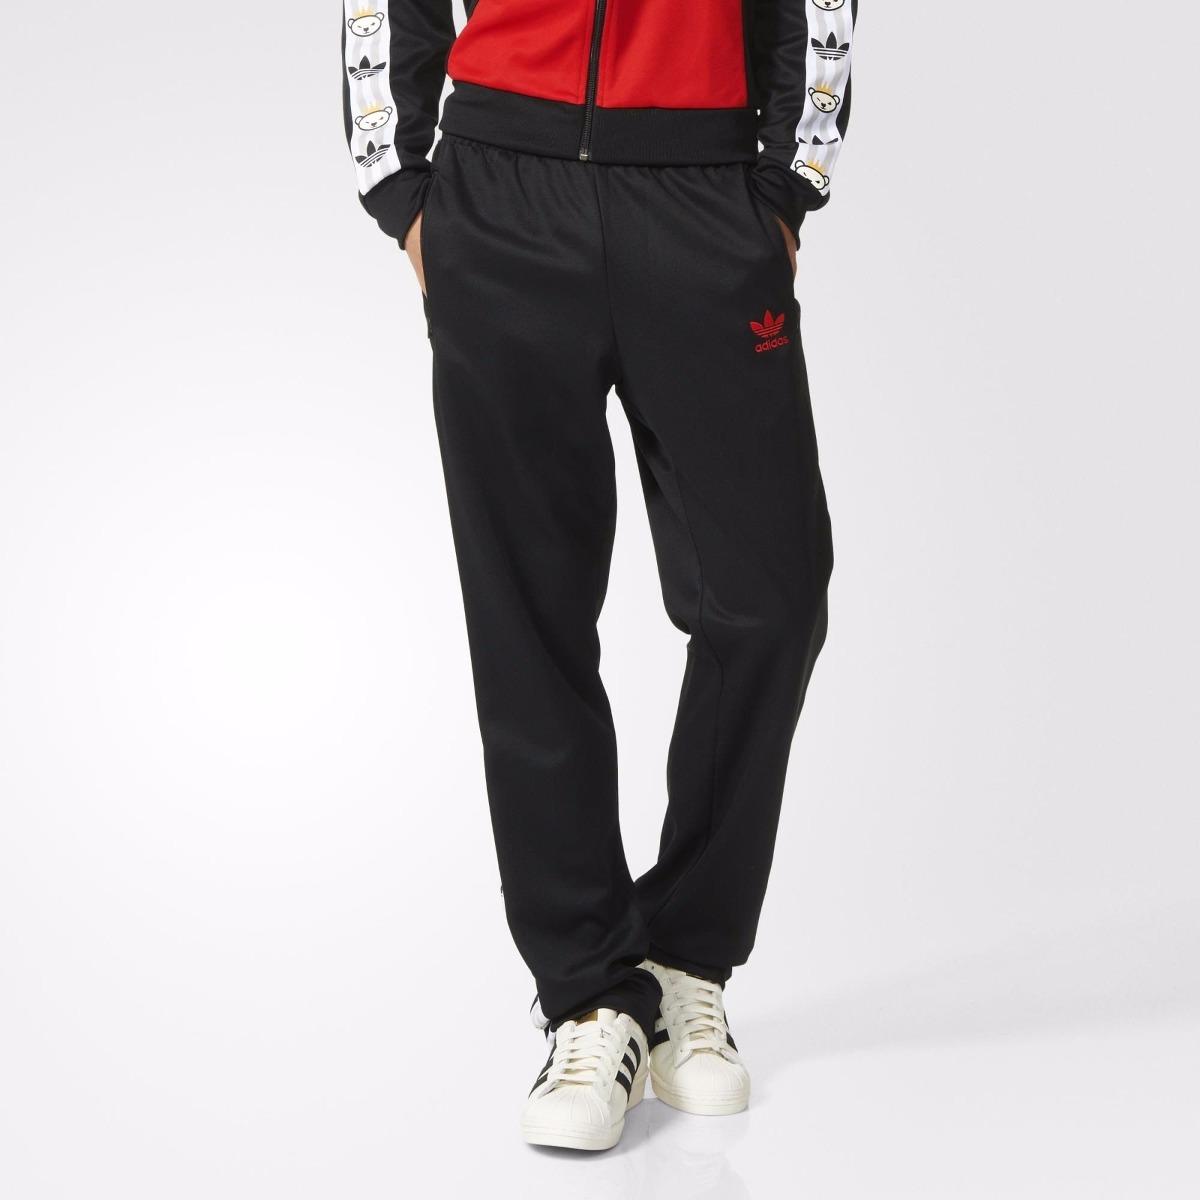 Retro 1 Adidas Ultimos Originals Mercado Pantalon Bear En 00 459 wEABqTOx